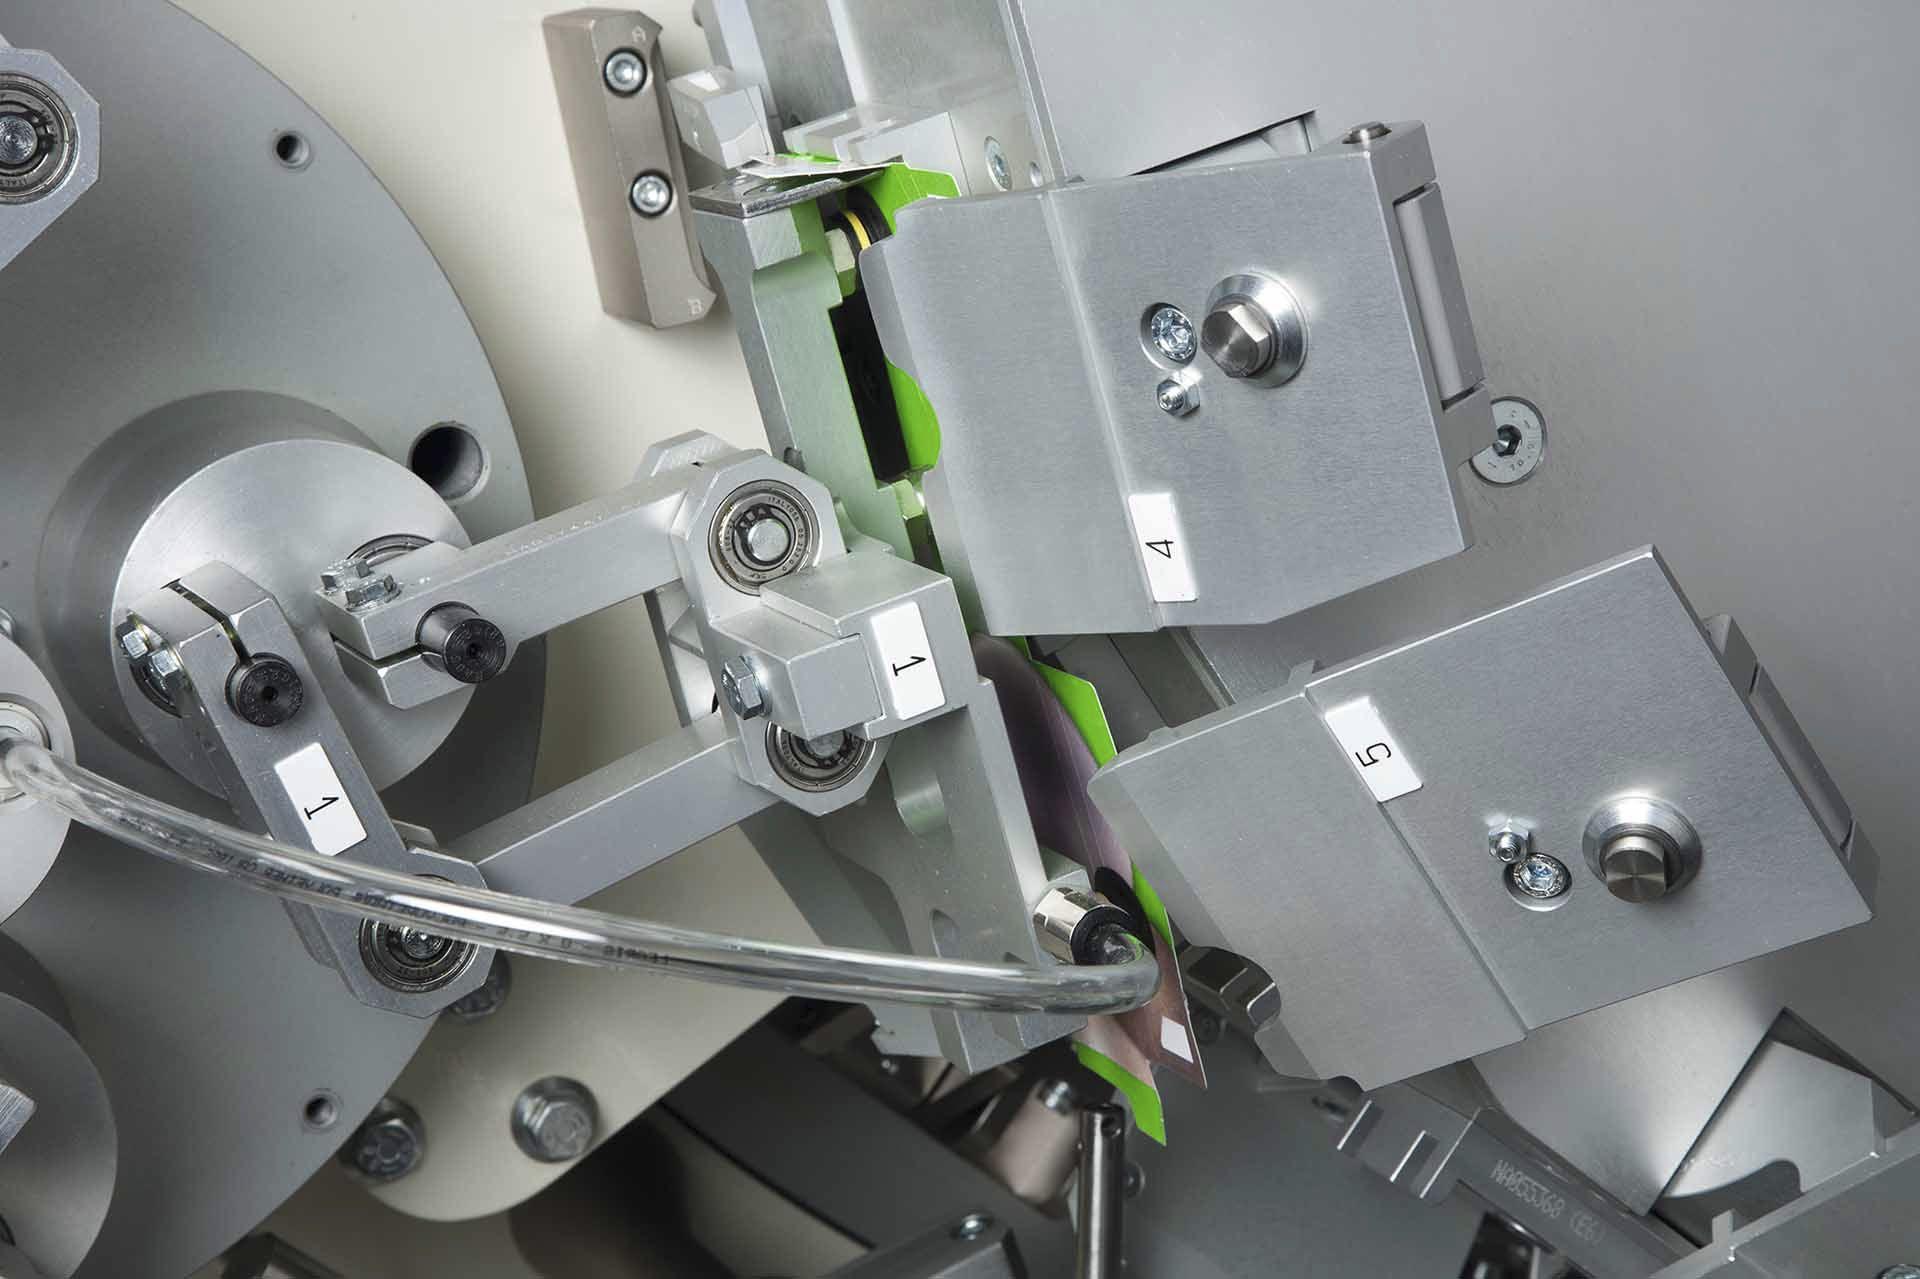 6672bb48ffc Inscatolatrice automatica   continua   orizzontale   rotativa ...